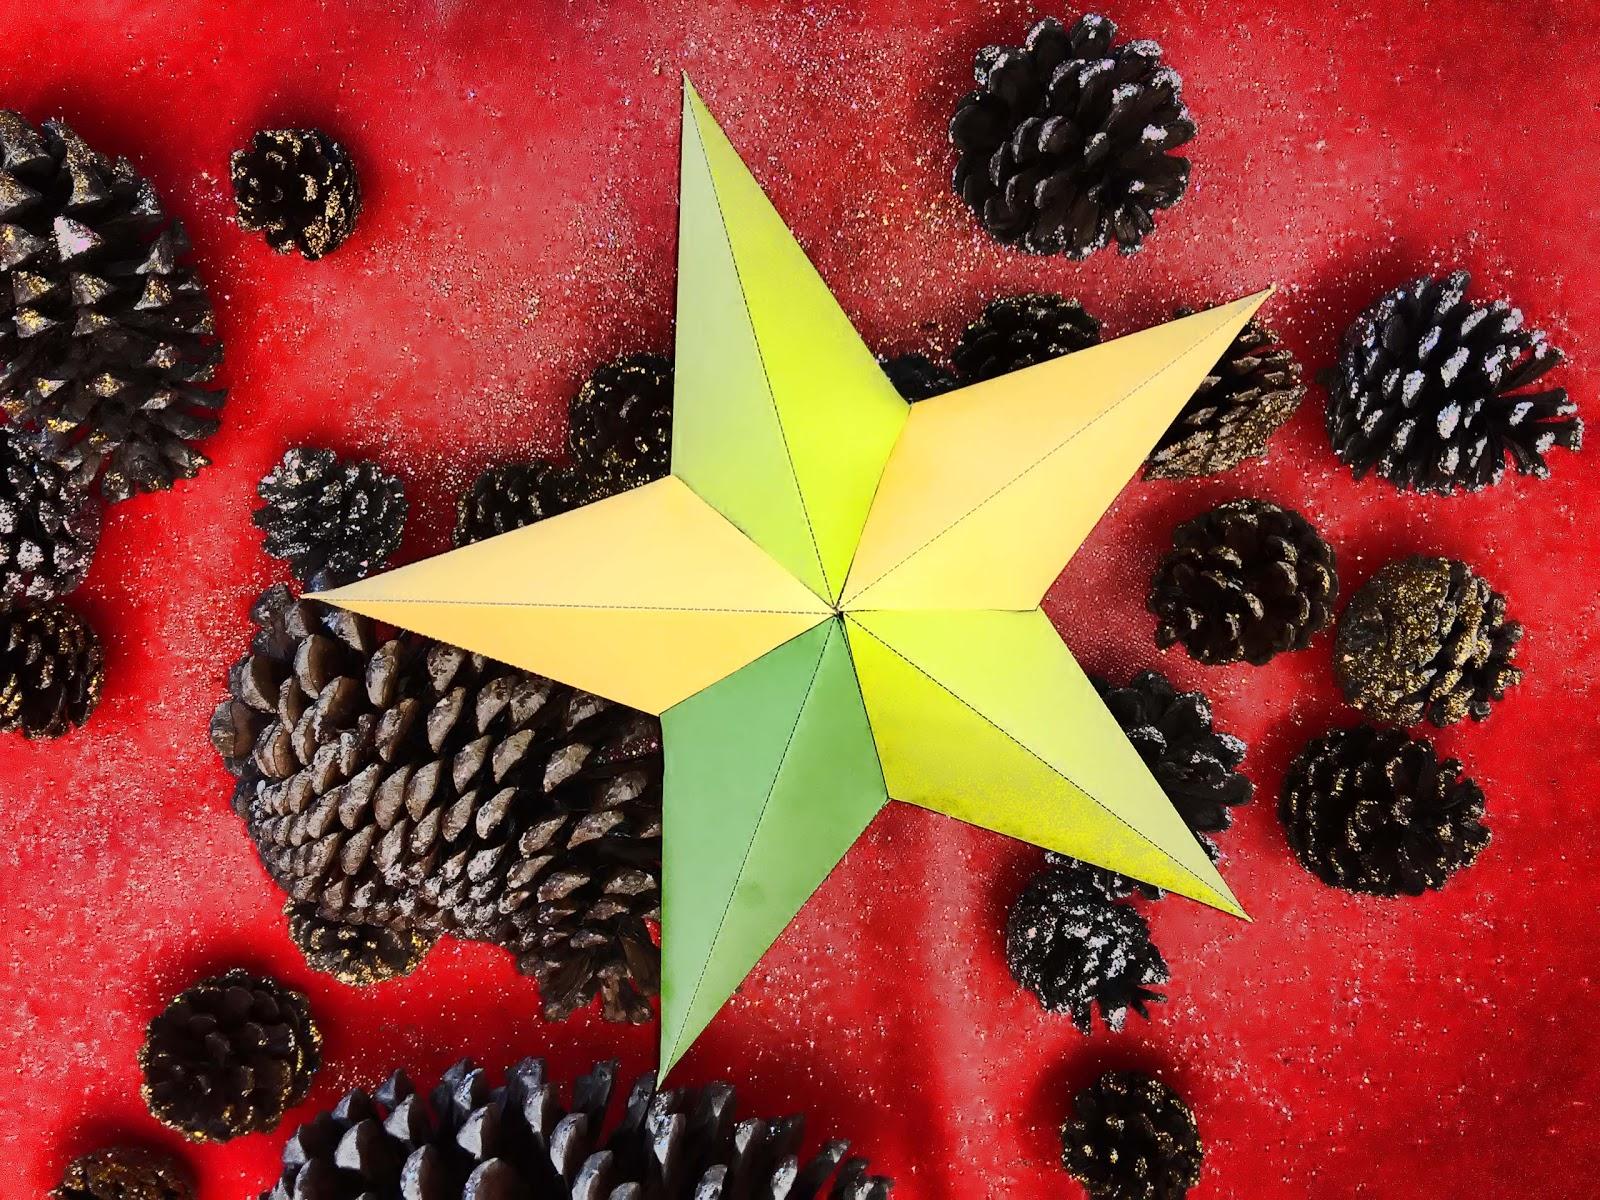 Plantillas De Estrellas Para Decorar.Plantilla Para Estrellas 3d